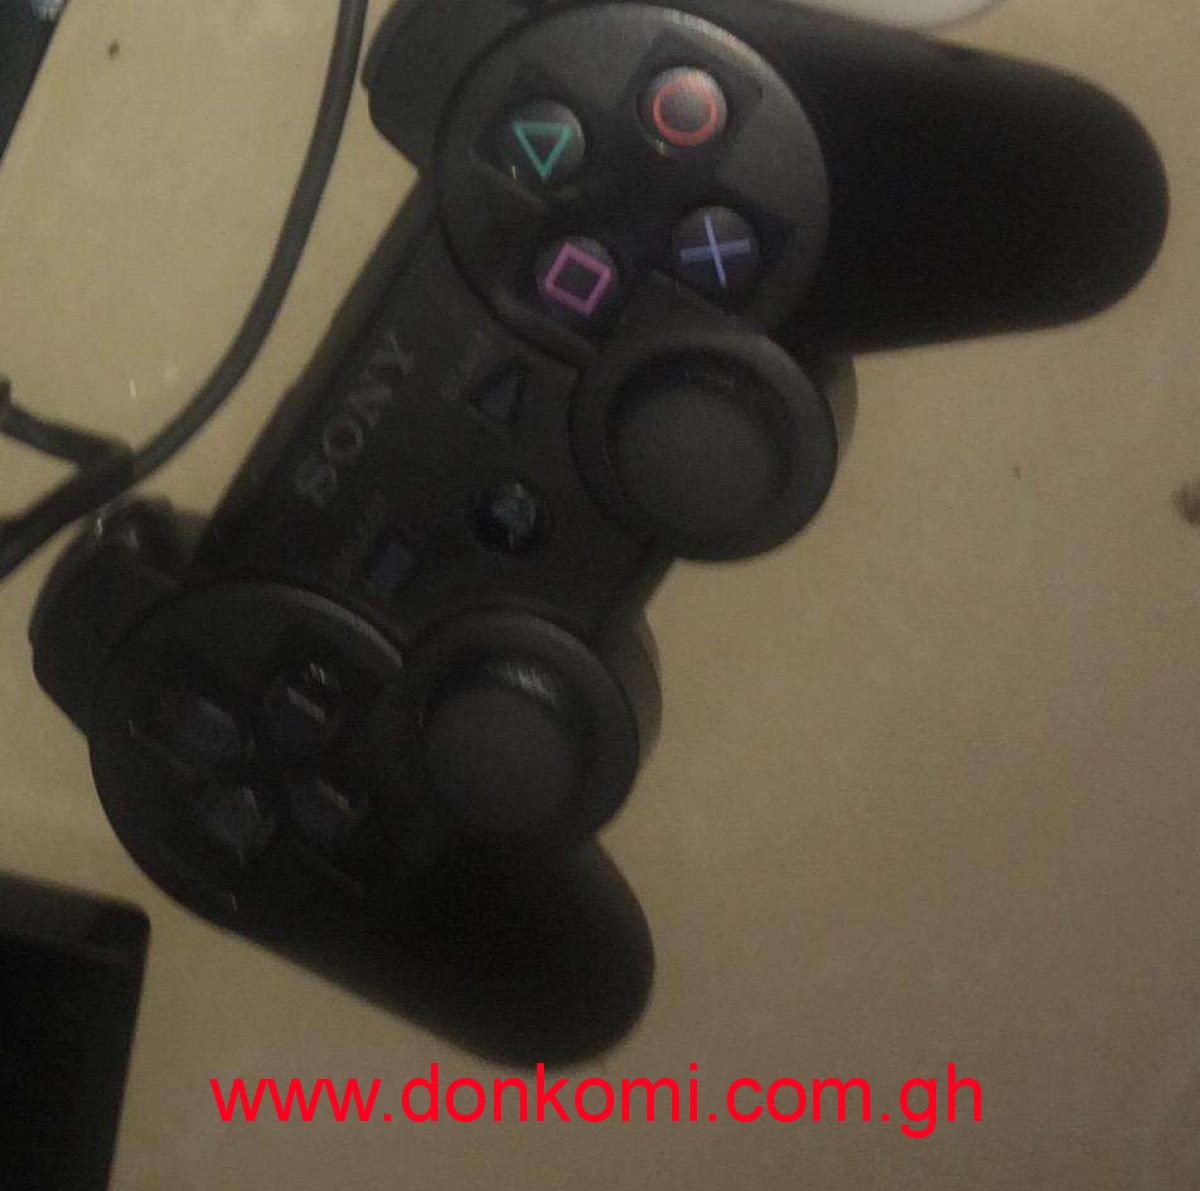 PS3 pad